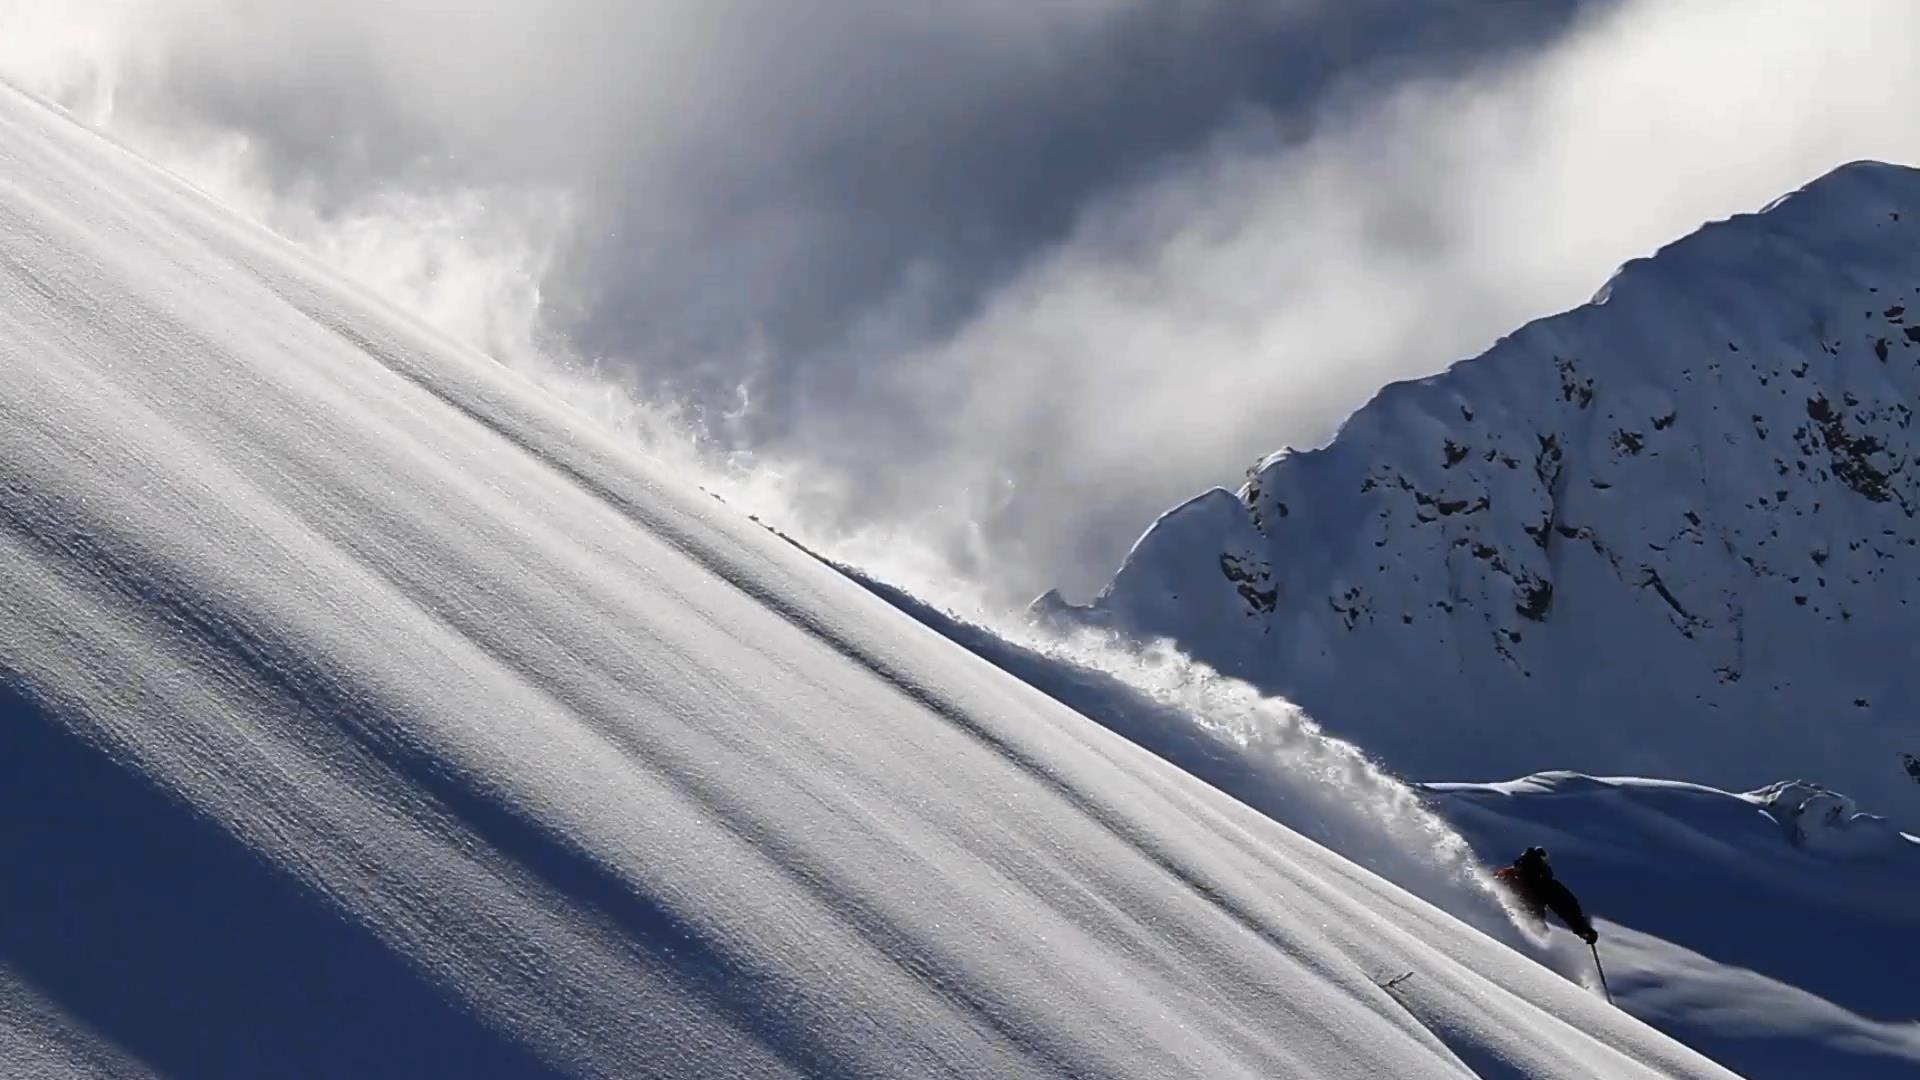 Dévaler les pentes en ski